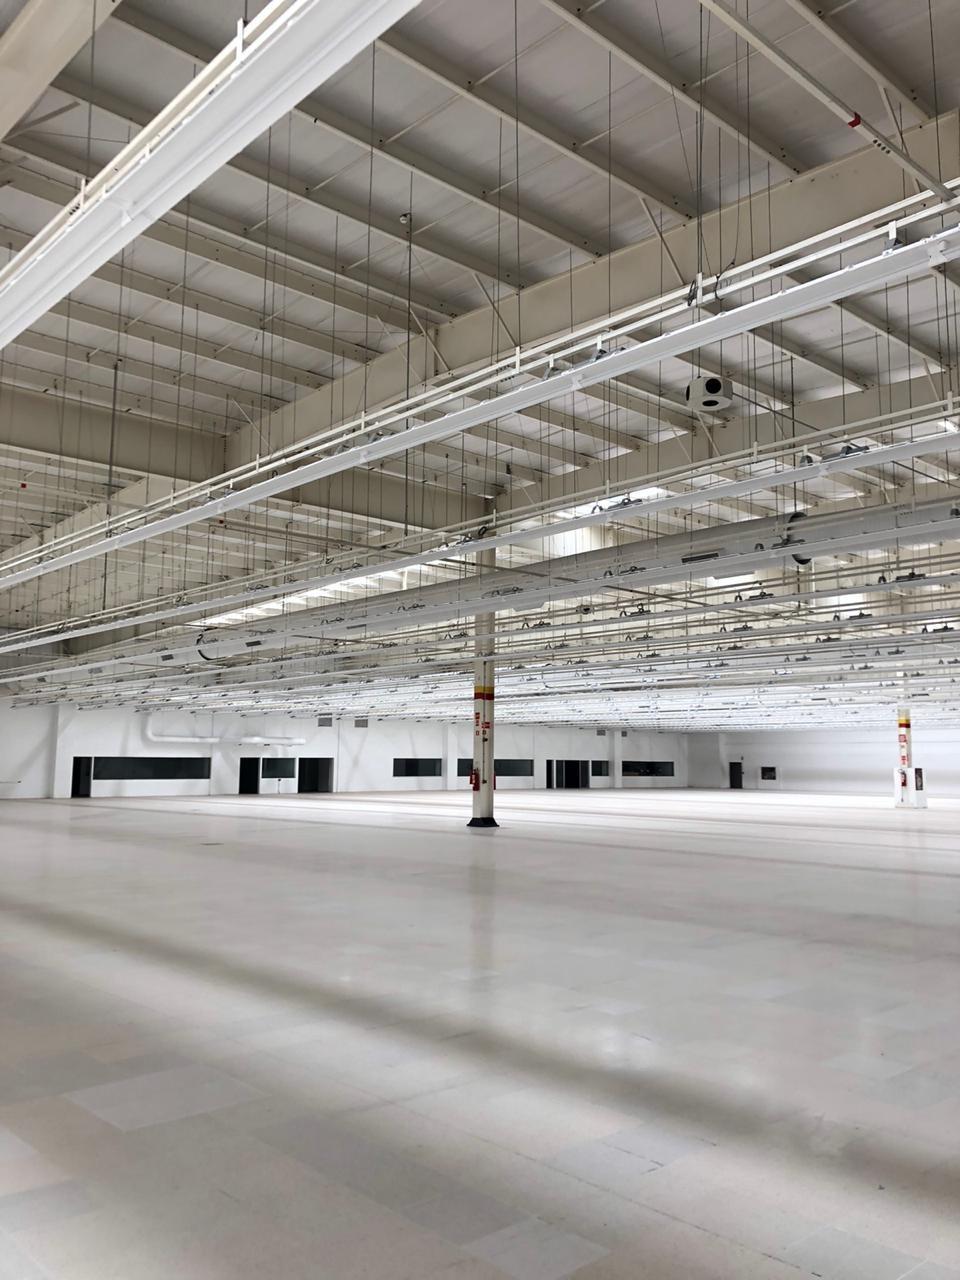 Shopping vai montar 148 estandes em uma área com mais de 12 mil m² onde funcionava o hipermercado Big, no Shopping Cidade – Foto: Divulgação